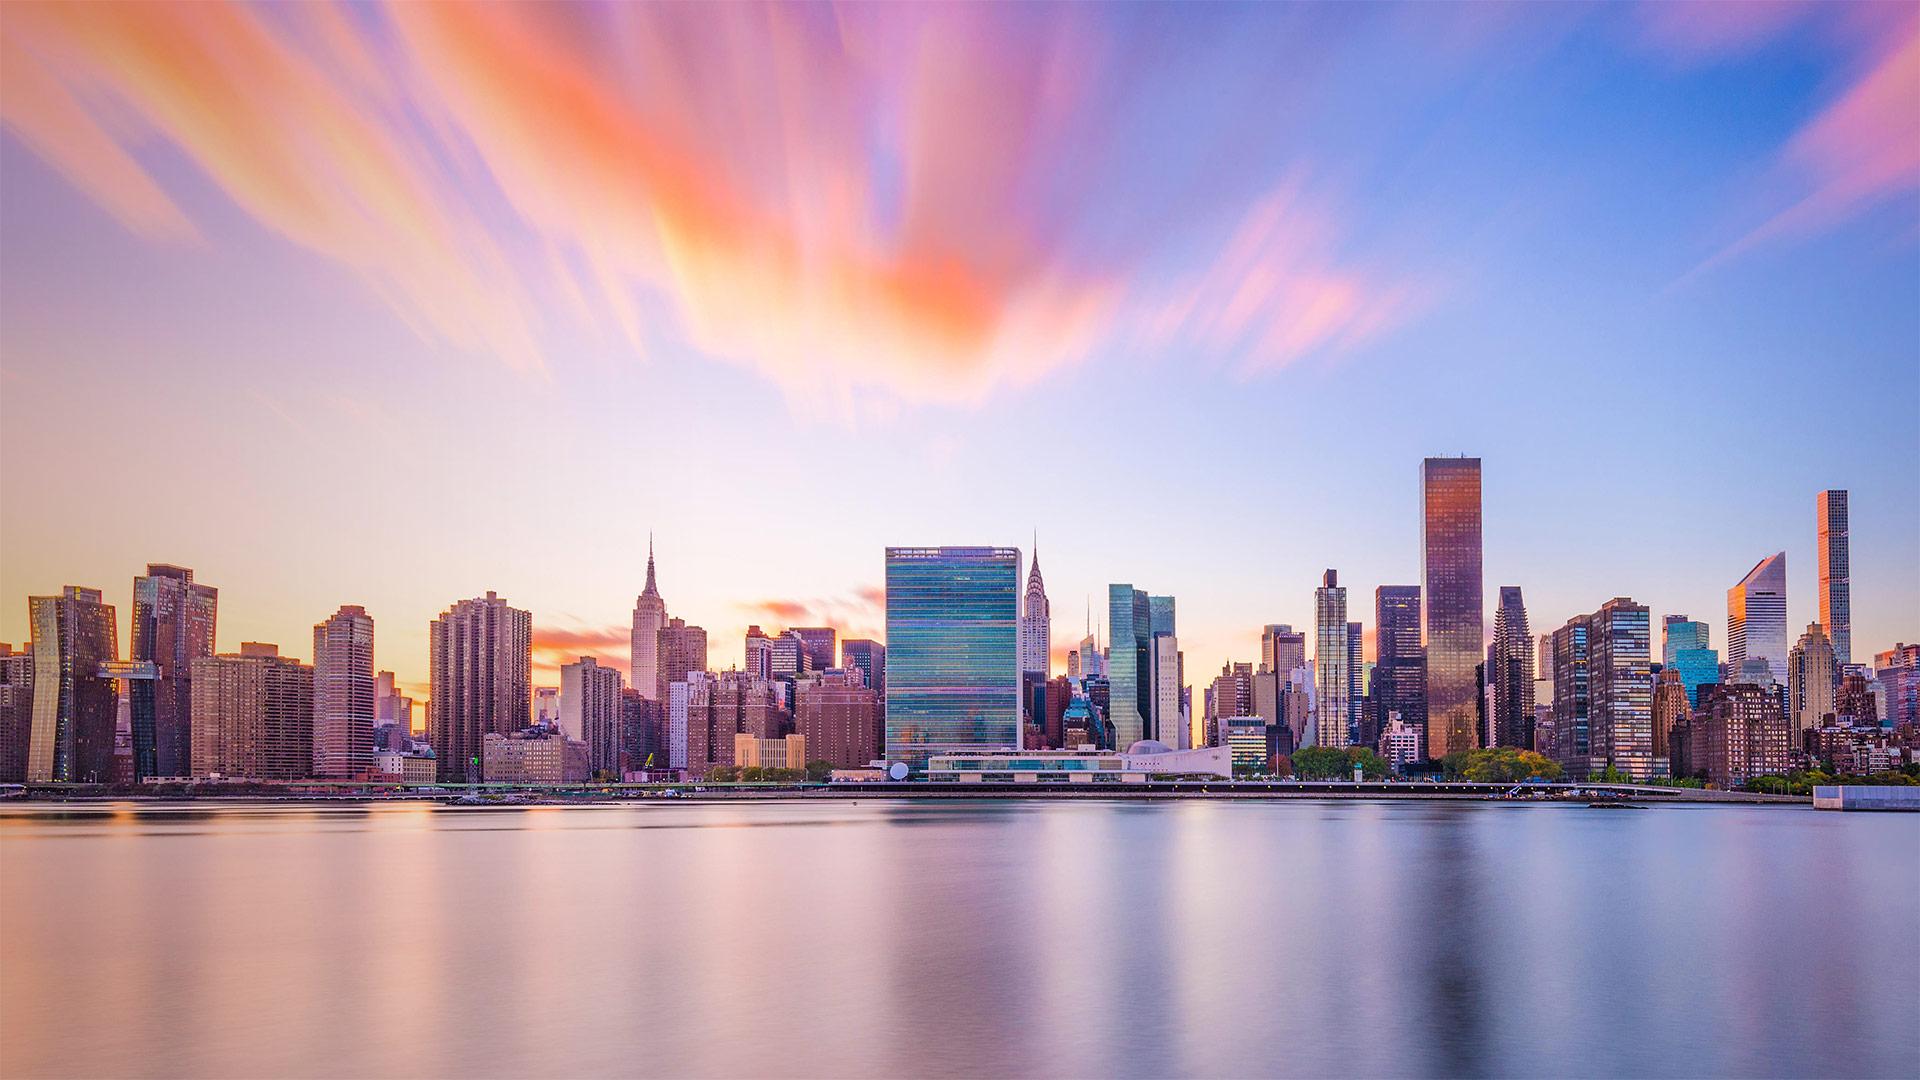 纽约市的天际线与联合国总部大楼 (© Sean Pavone/Alamy)